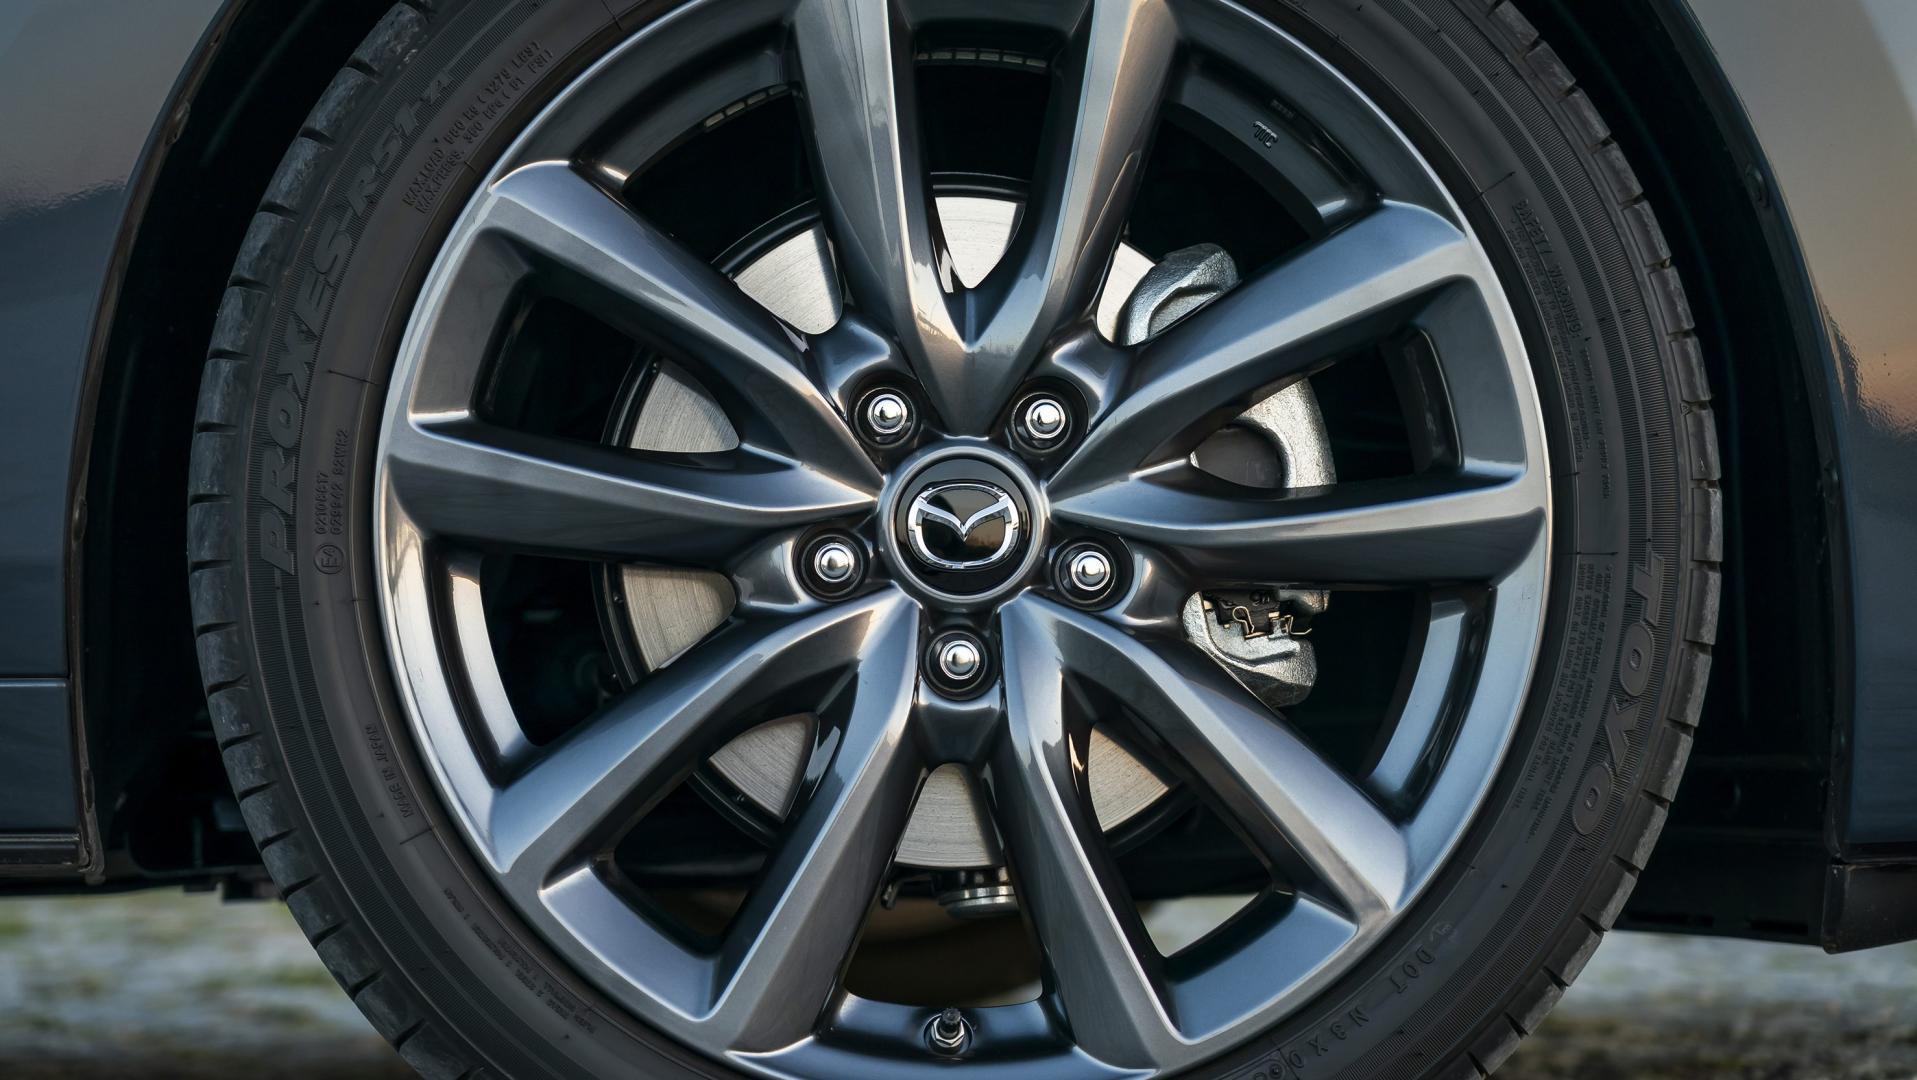 Mazda 3 2.0 SkyActiv-G 122 6MT Hatchback wielen